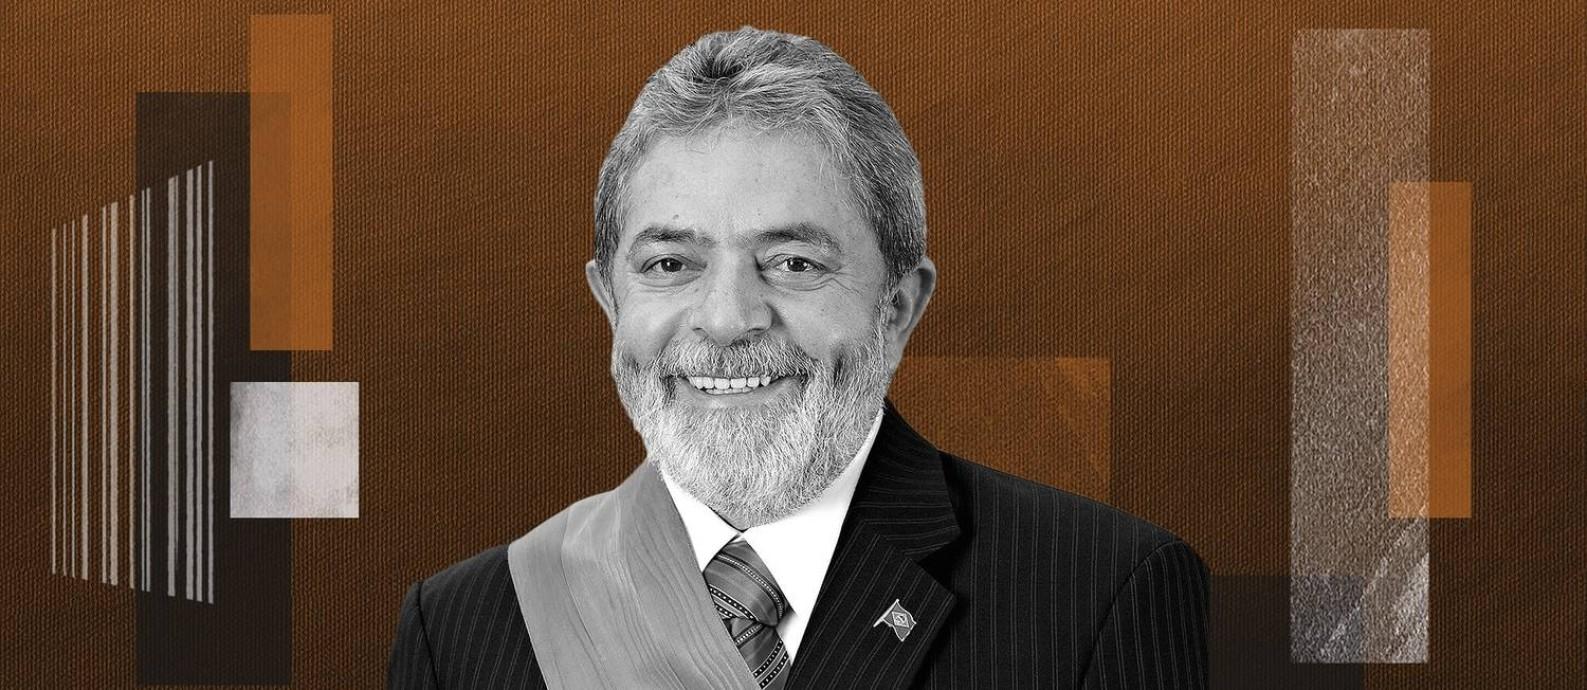 O ex-presidente da República Luiz Inácio Lula da Silva (2003-2011) Foto: Arte/O Globo